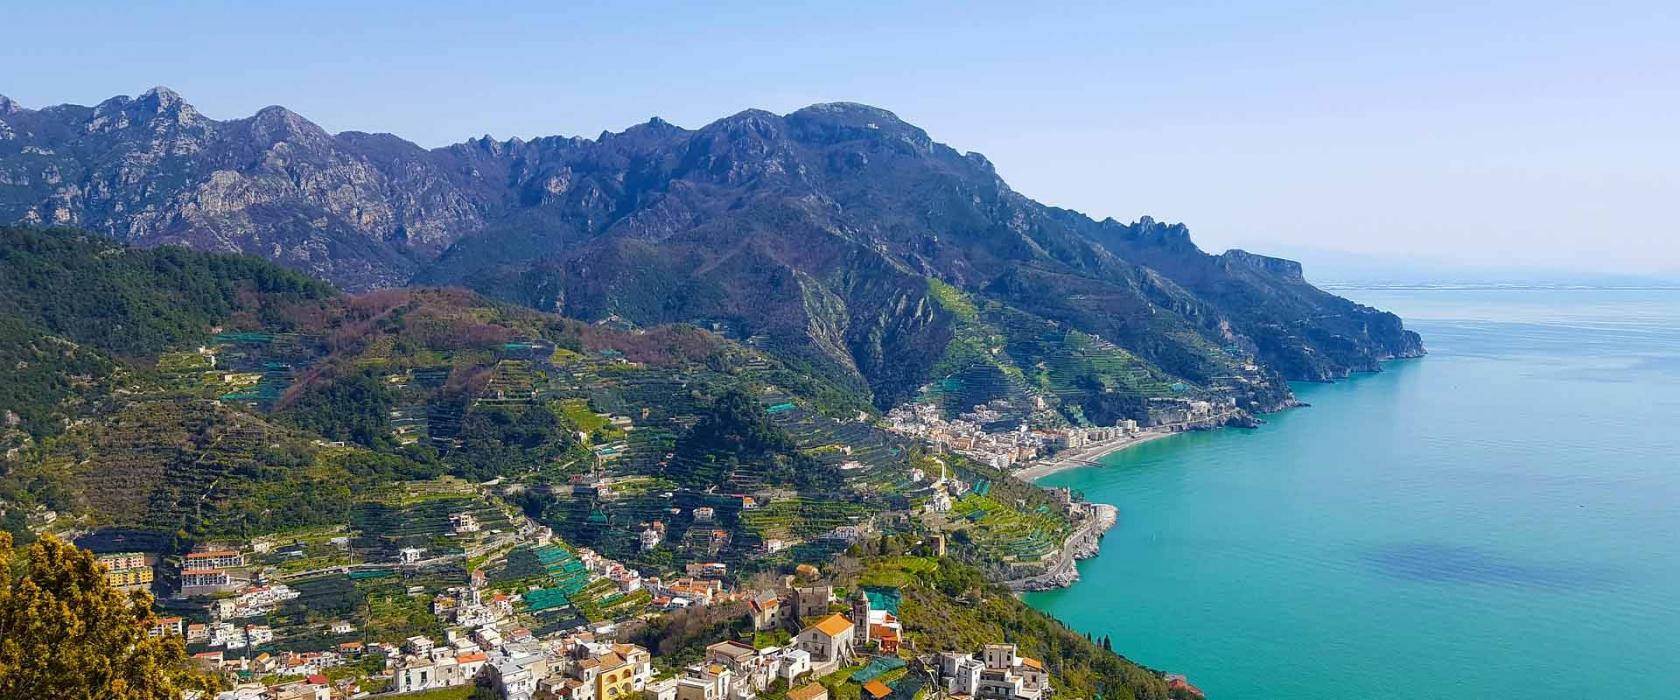 Tour Costiera Amalfitana | Itinerari Hotel Palace